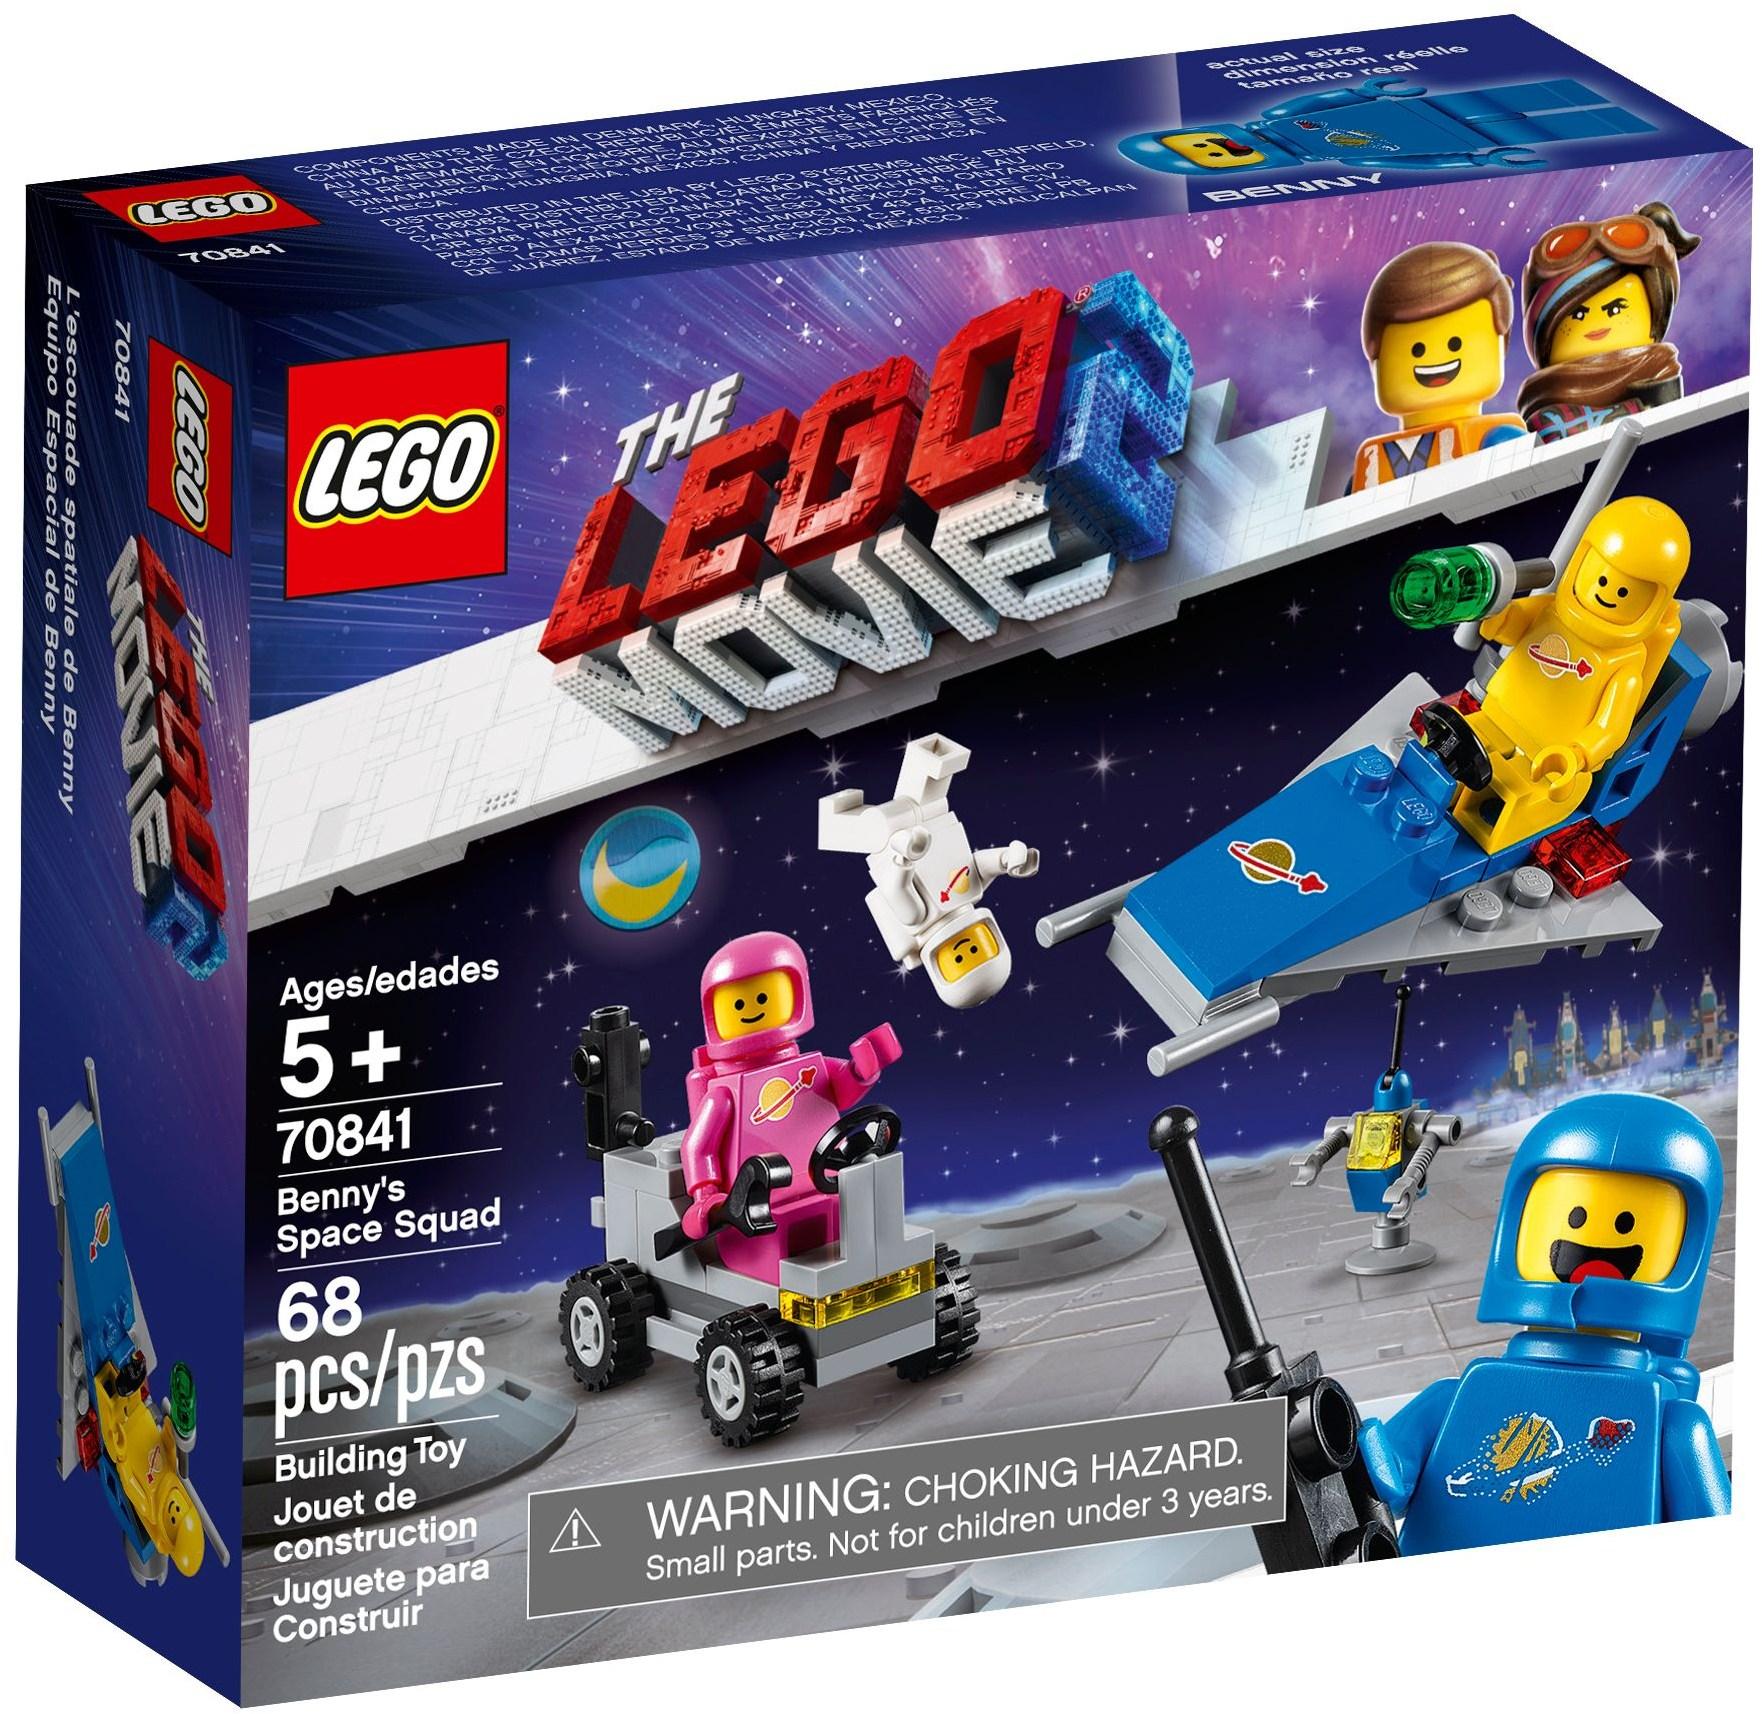 LEGO The Lego Movie 2 Space Benny Minifigure 70837 Mini Fig